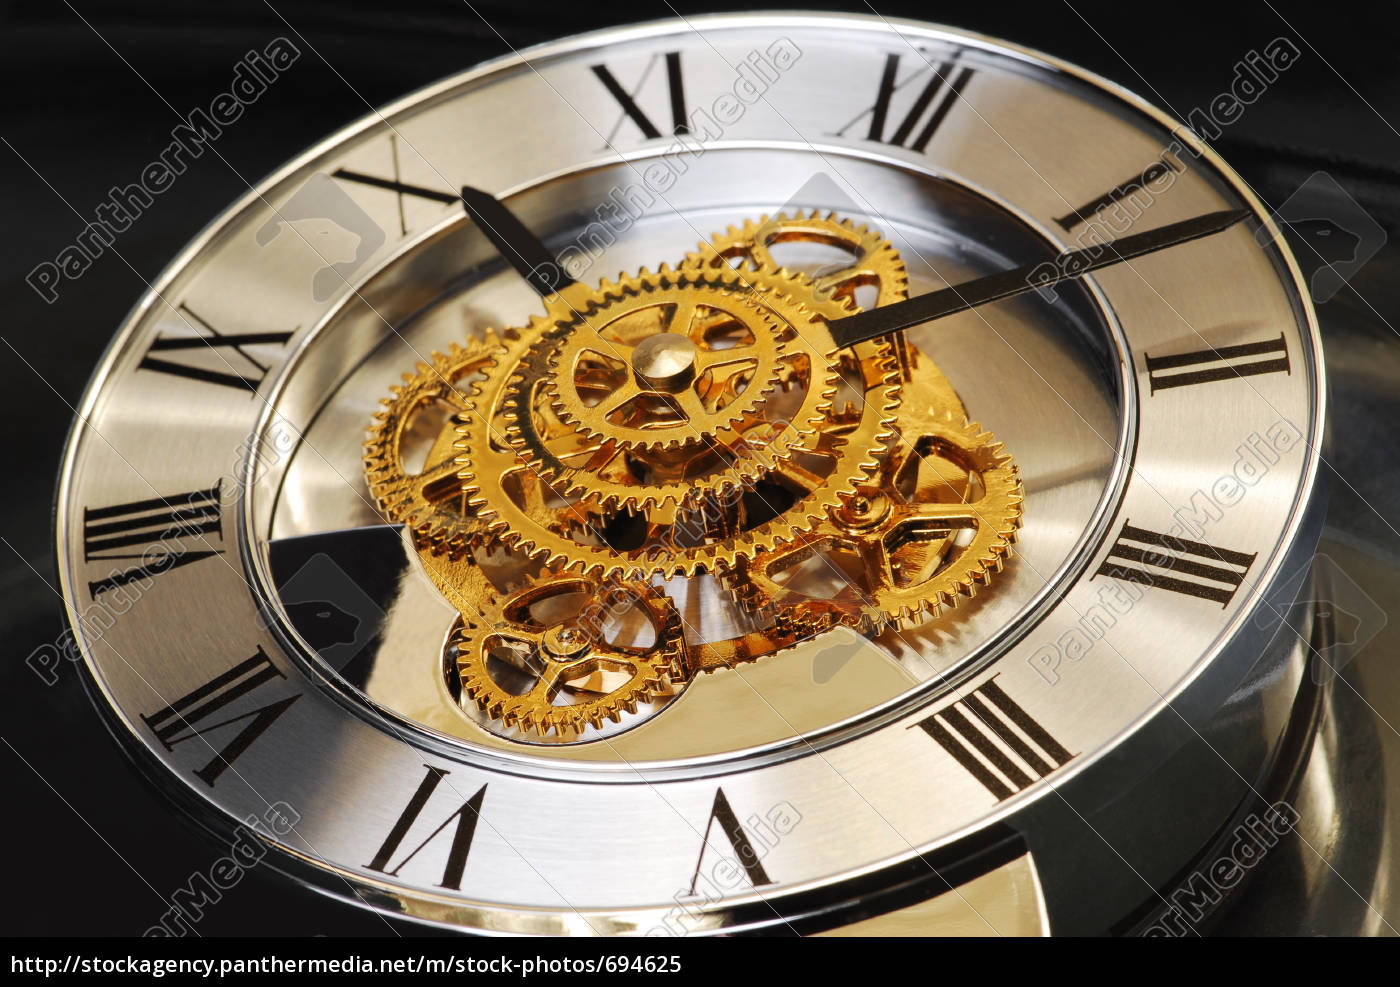 golden, watch - 694625